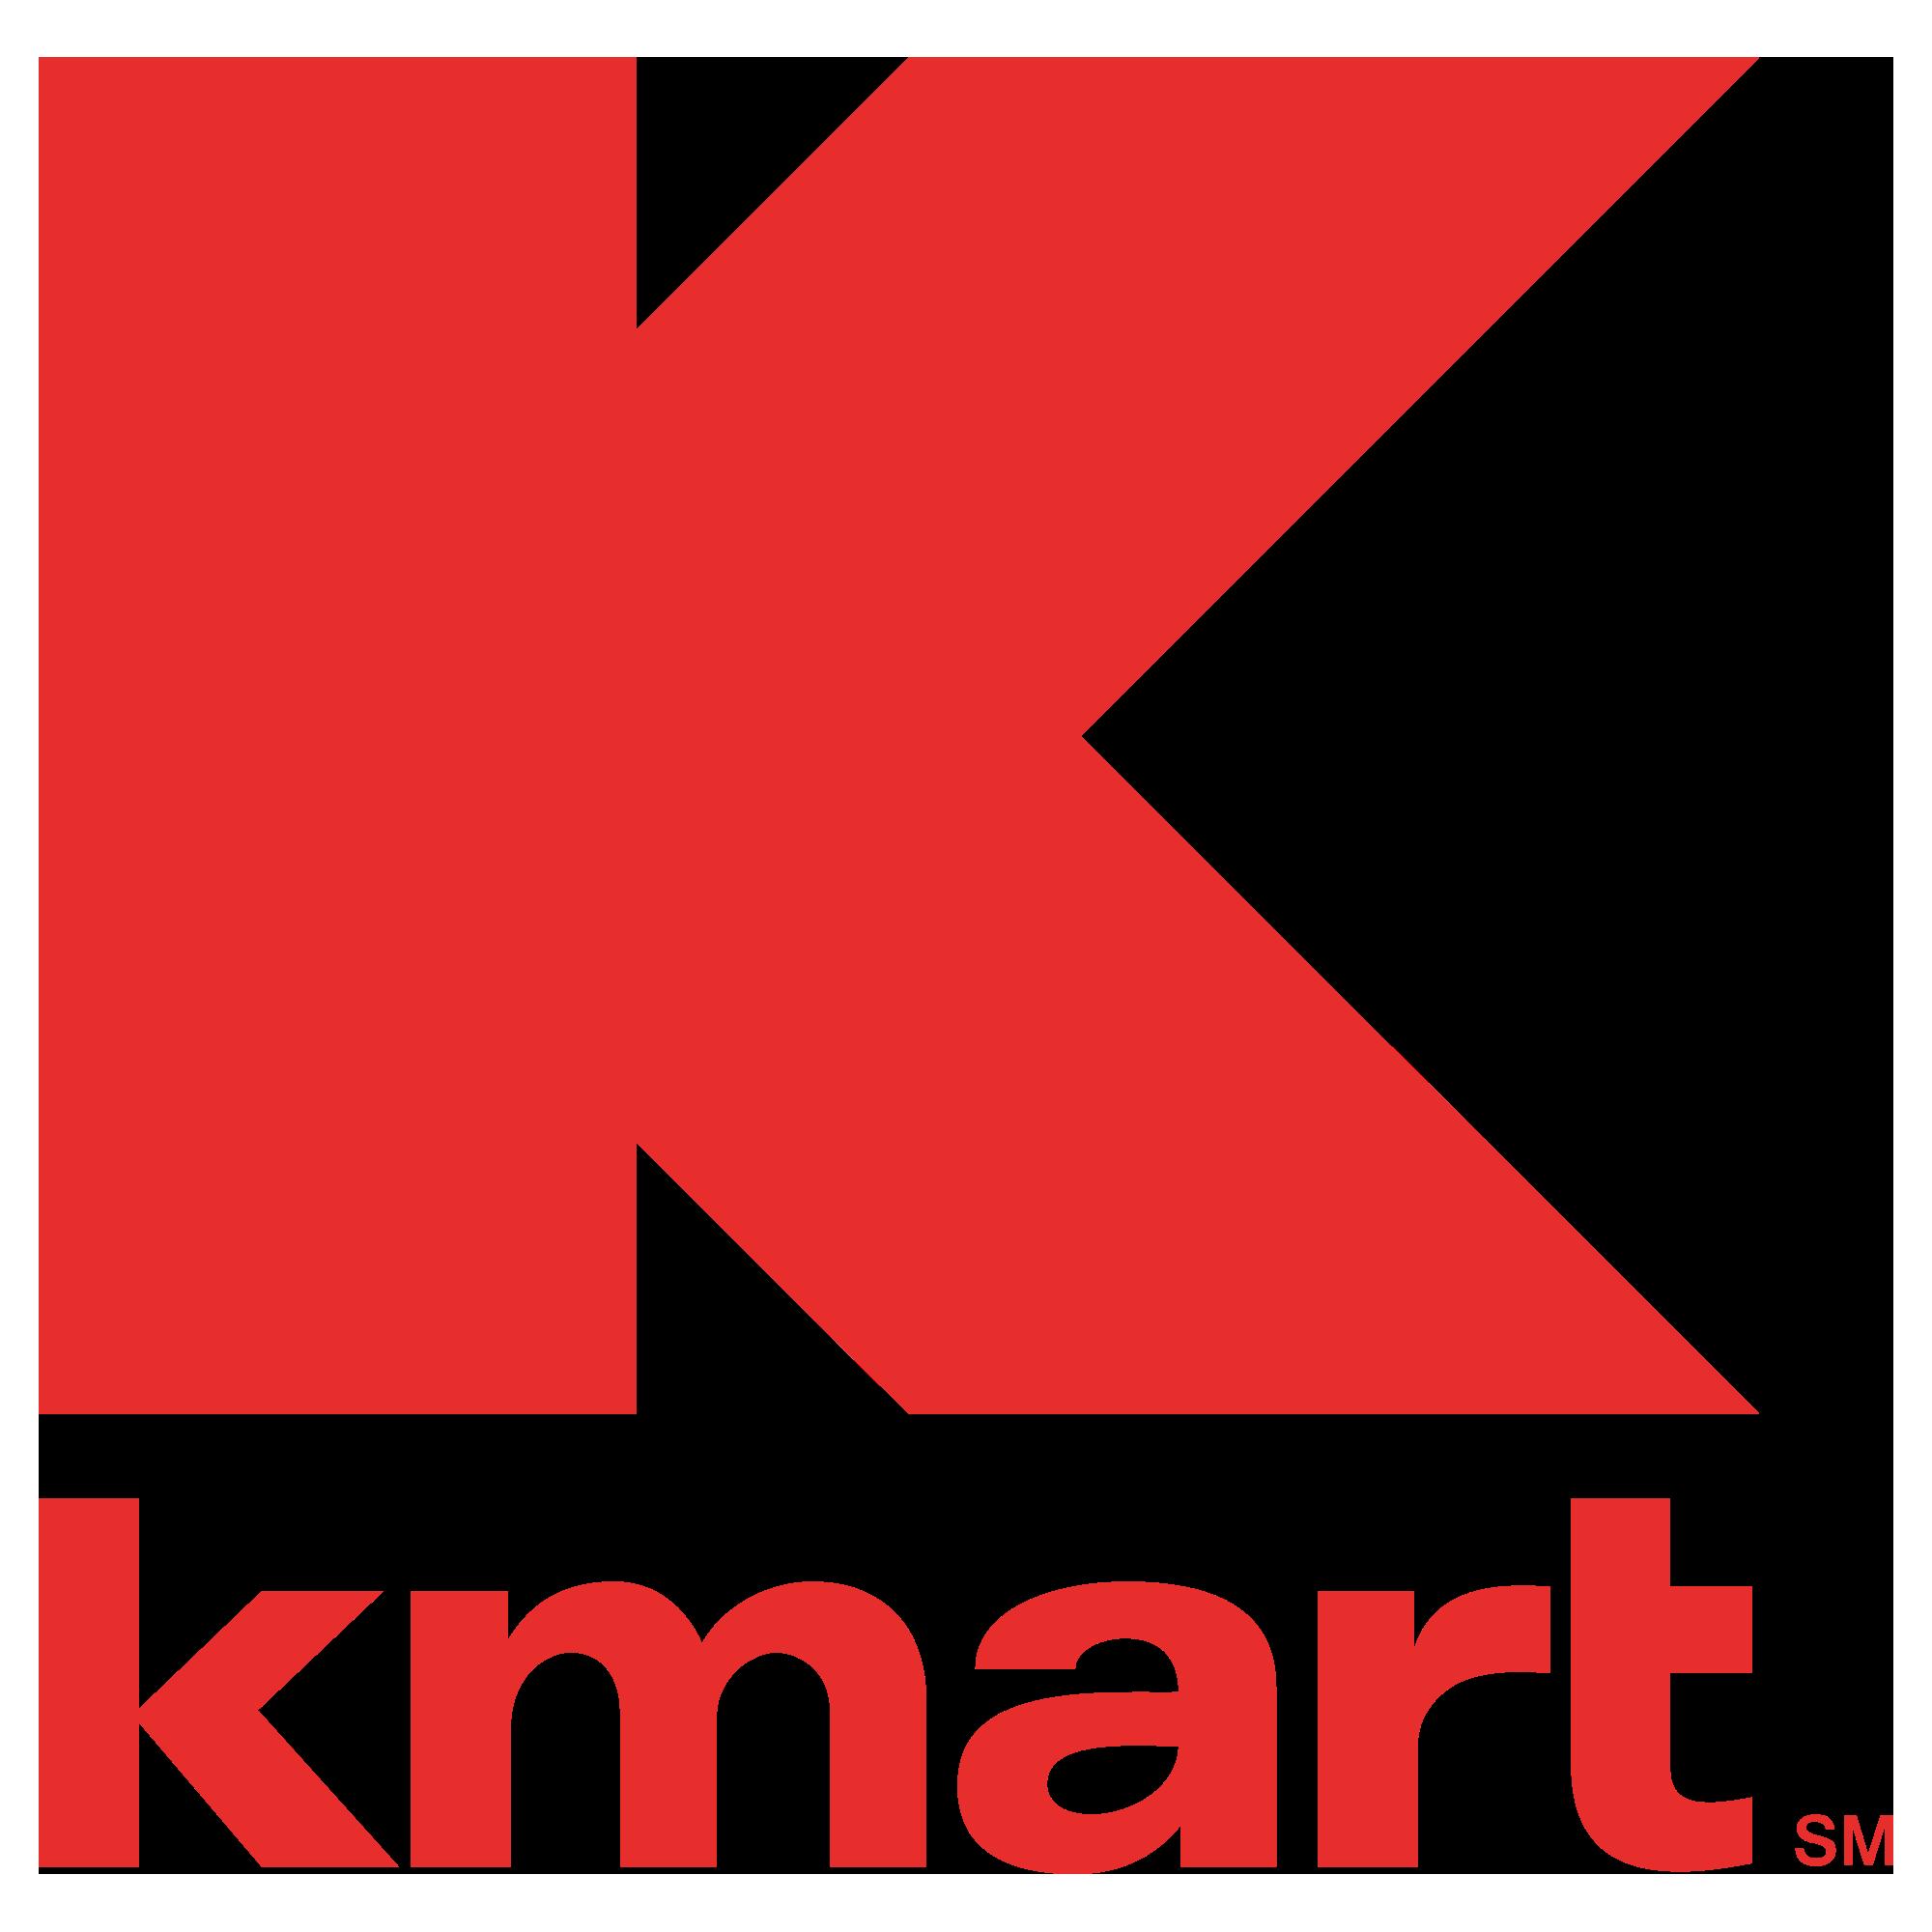 Kmart_logo7.16.png